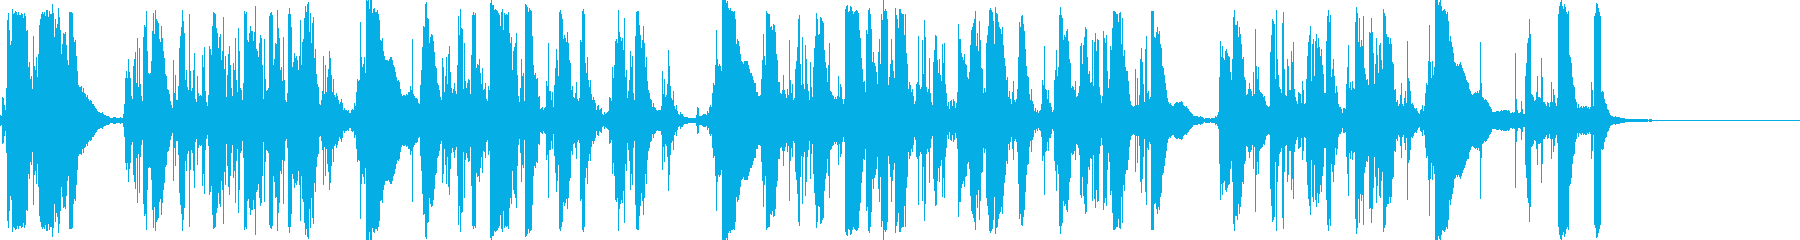 カチャカチャチーン・タイプライター長めの再生済みの波形